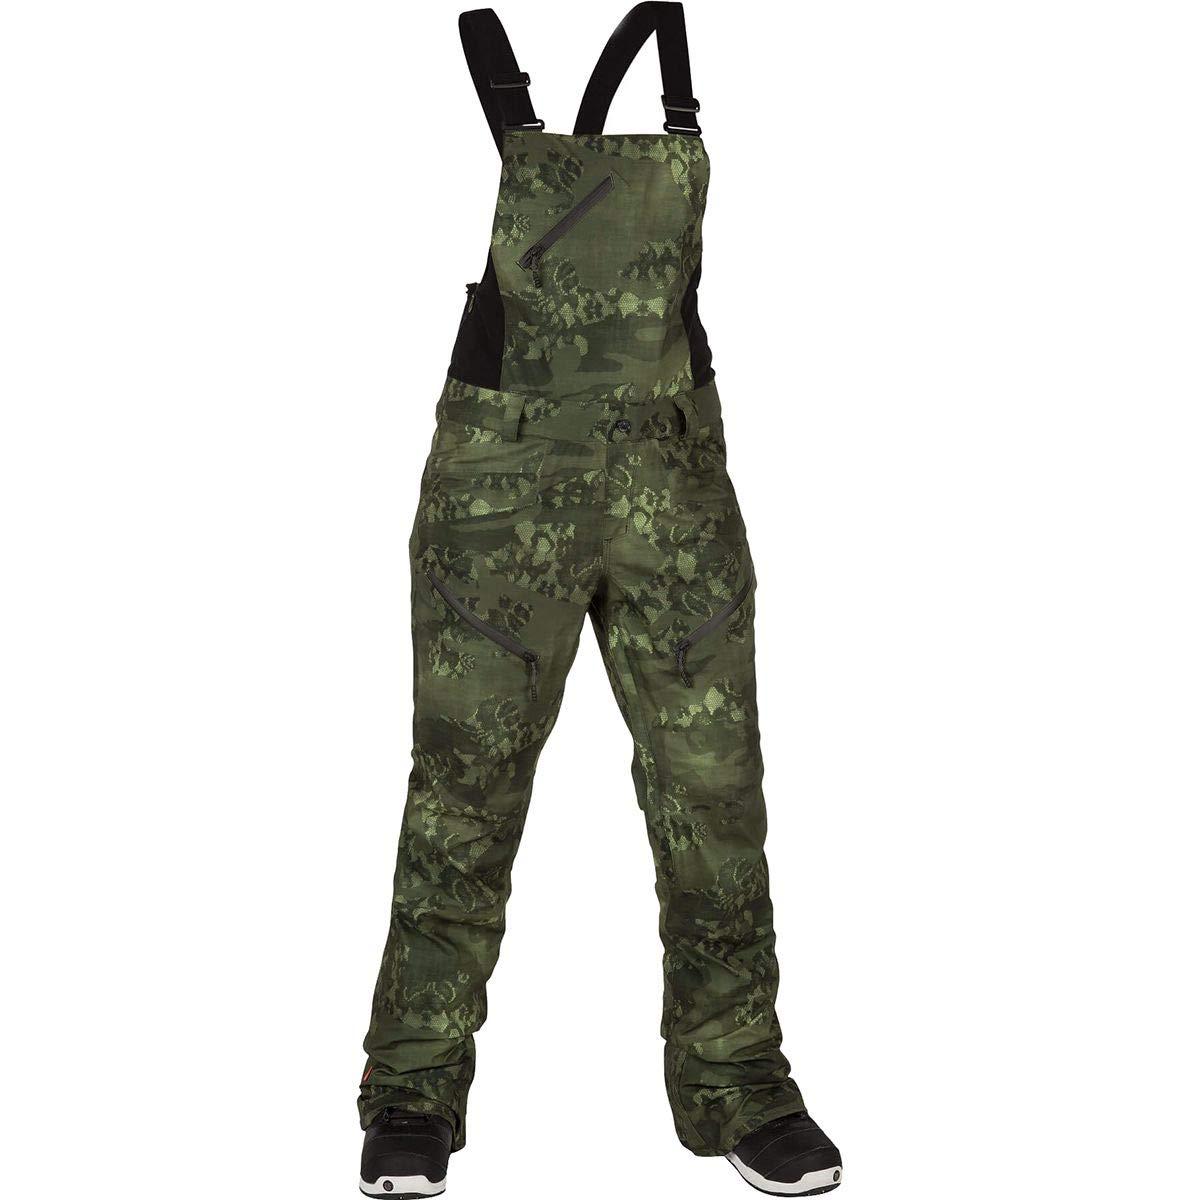 (ボルコム) Volcom Elm Gore Bib Overall Pant レディース スキー ウェア ビブ パンツCamouflage [並行輸入品] Camouflage 日本サイズ LL相当 (US L)